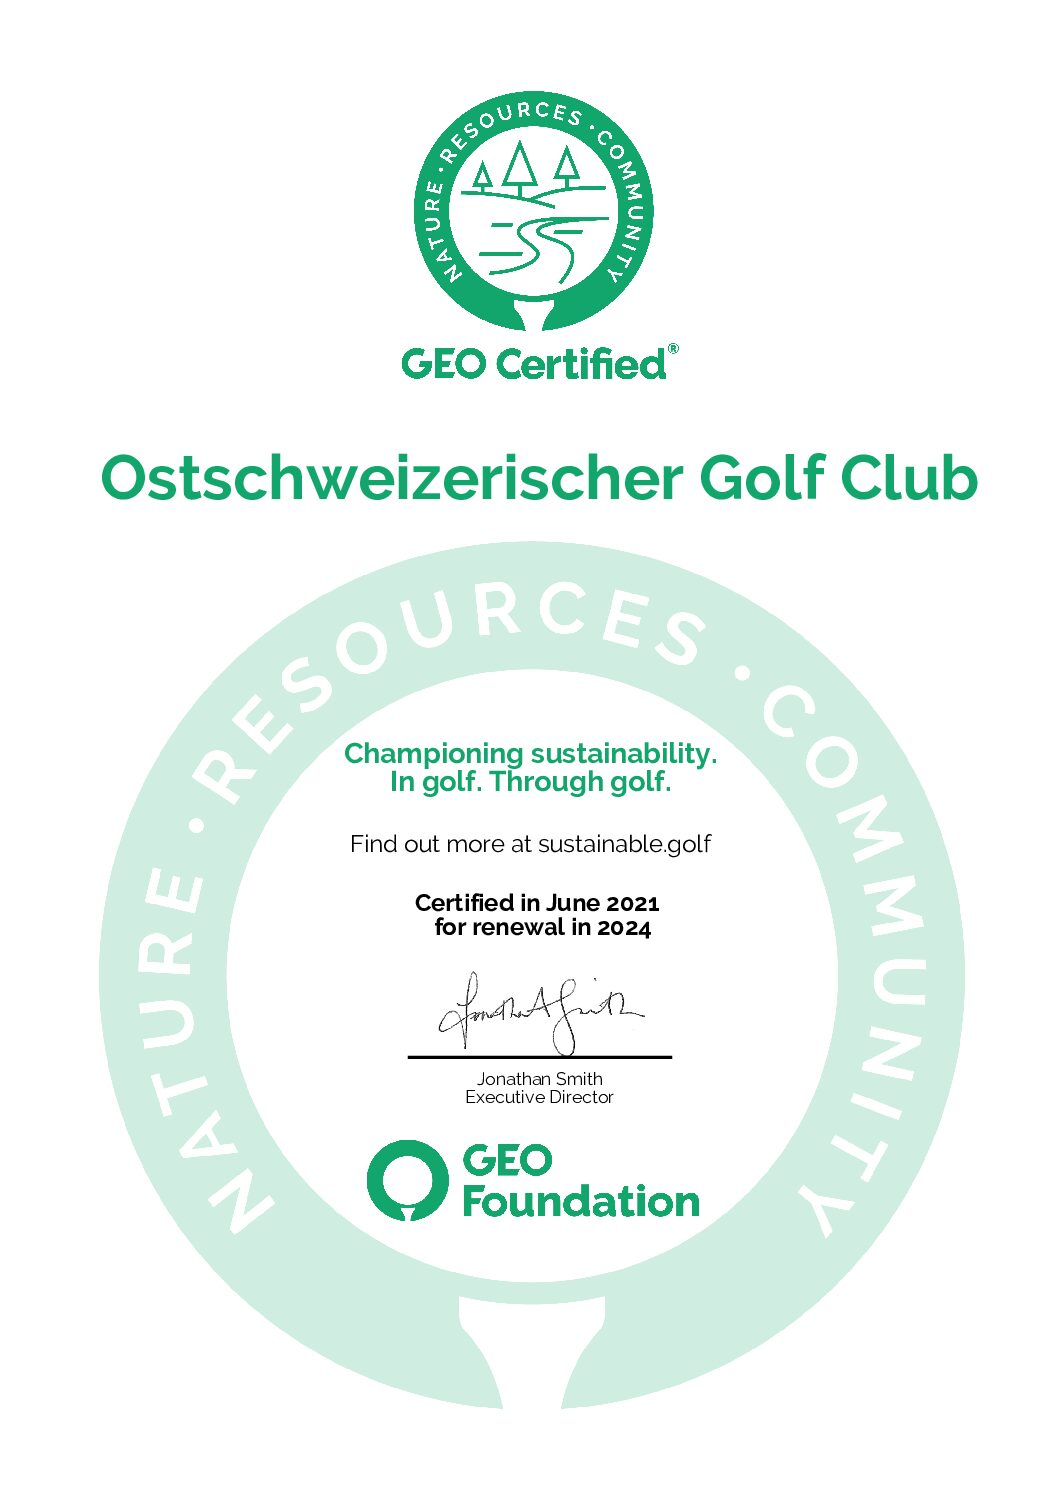 Der OSGC hat die GEO-Zertifizierung!